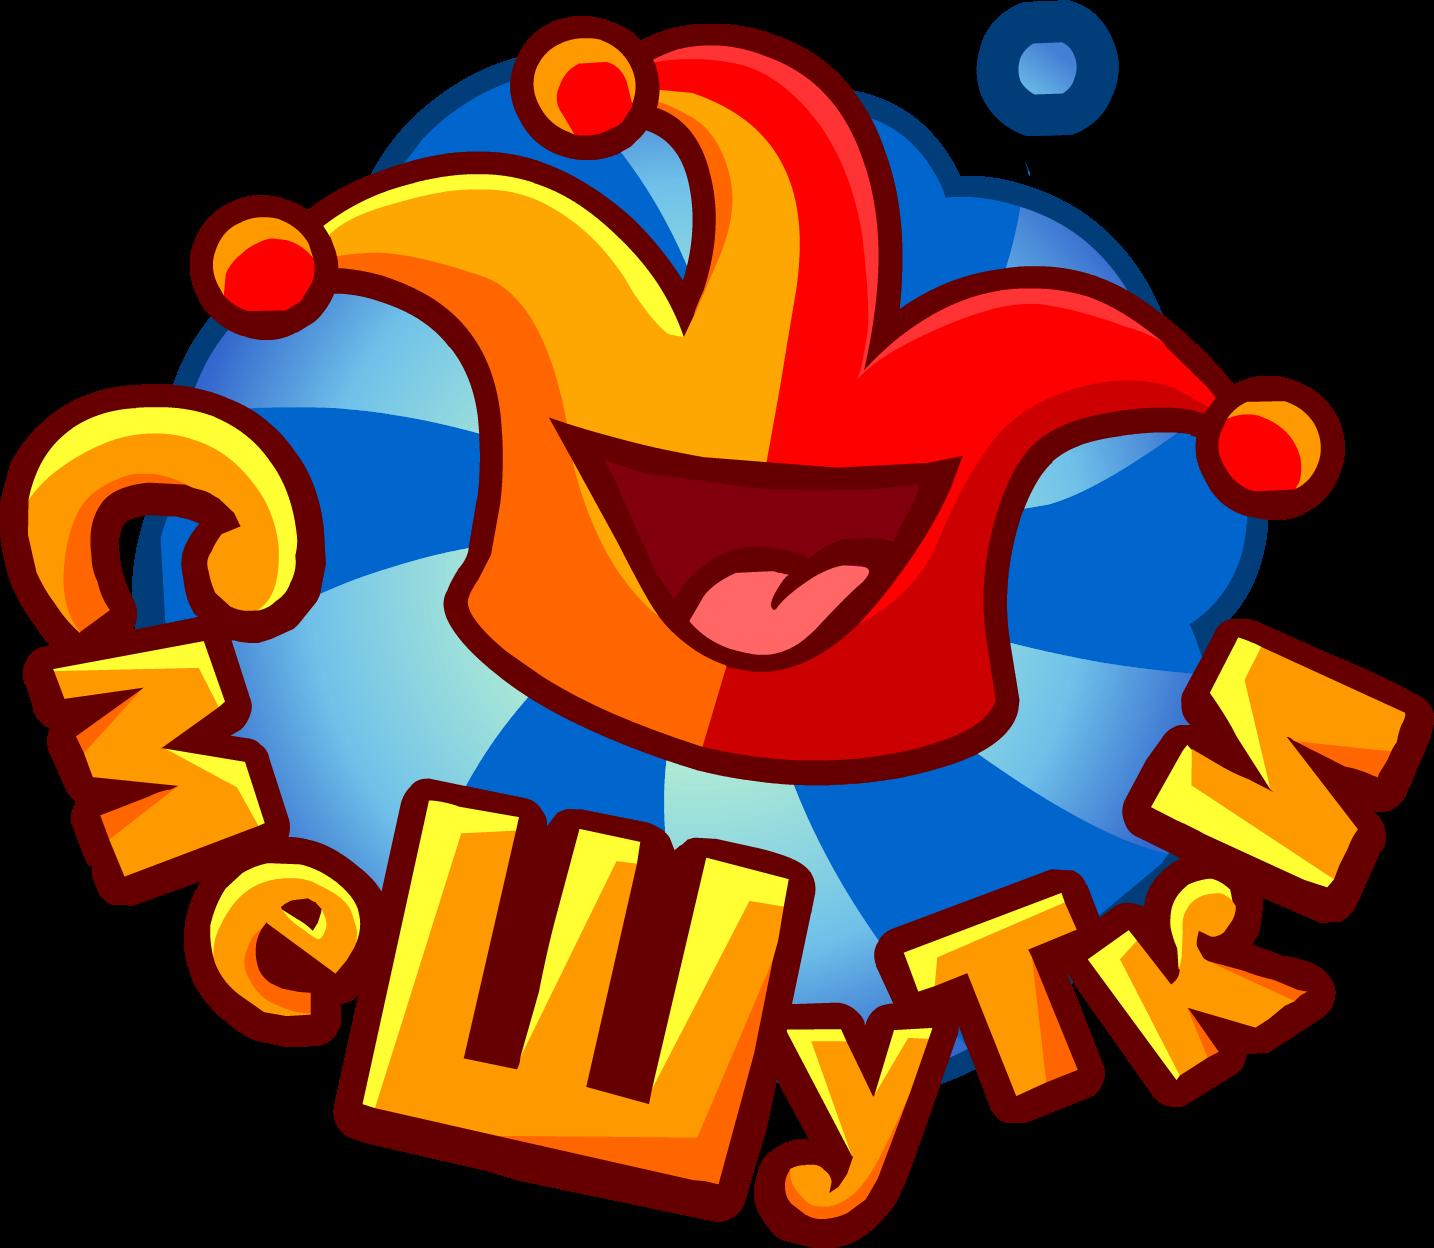 Для поздравления, шарарам картинки логотип